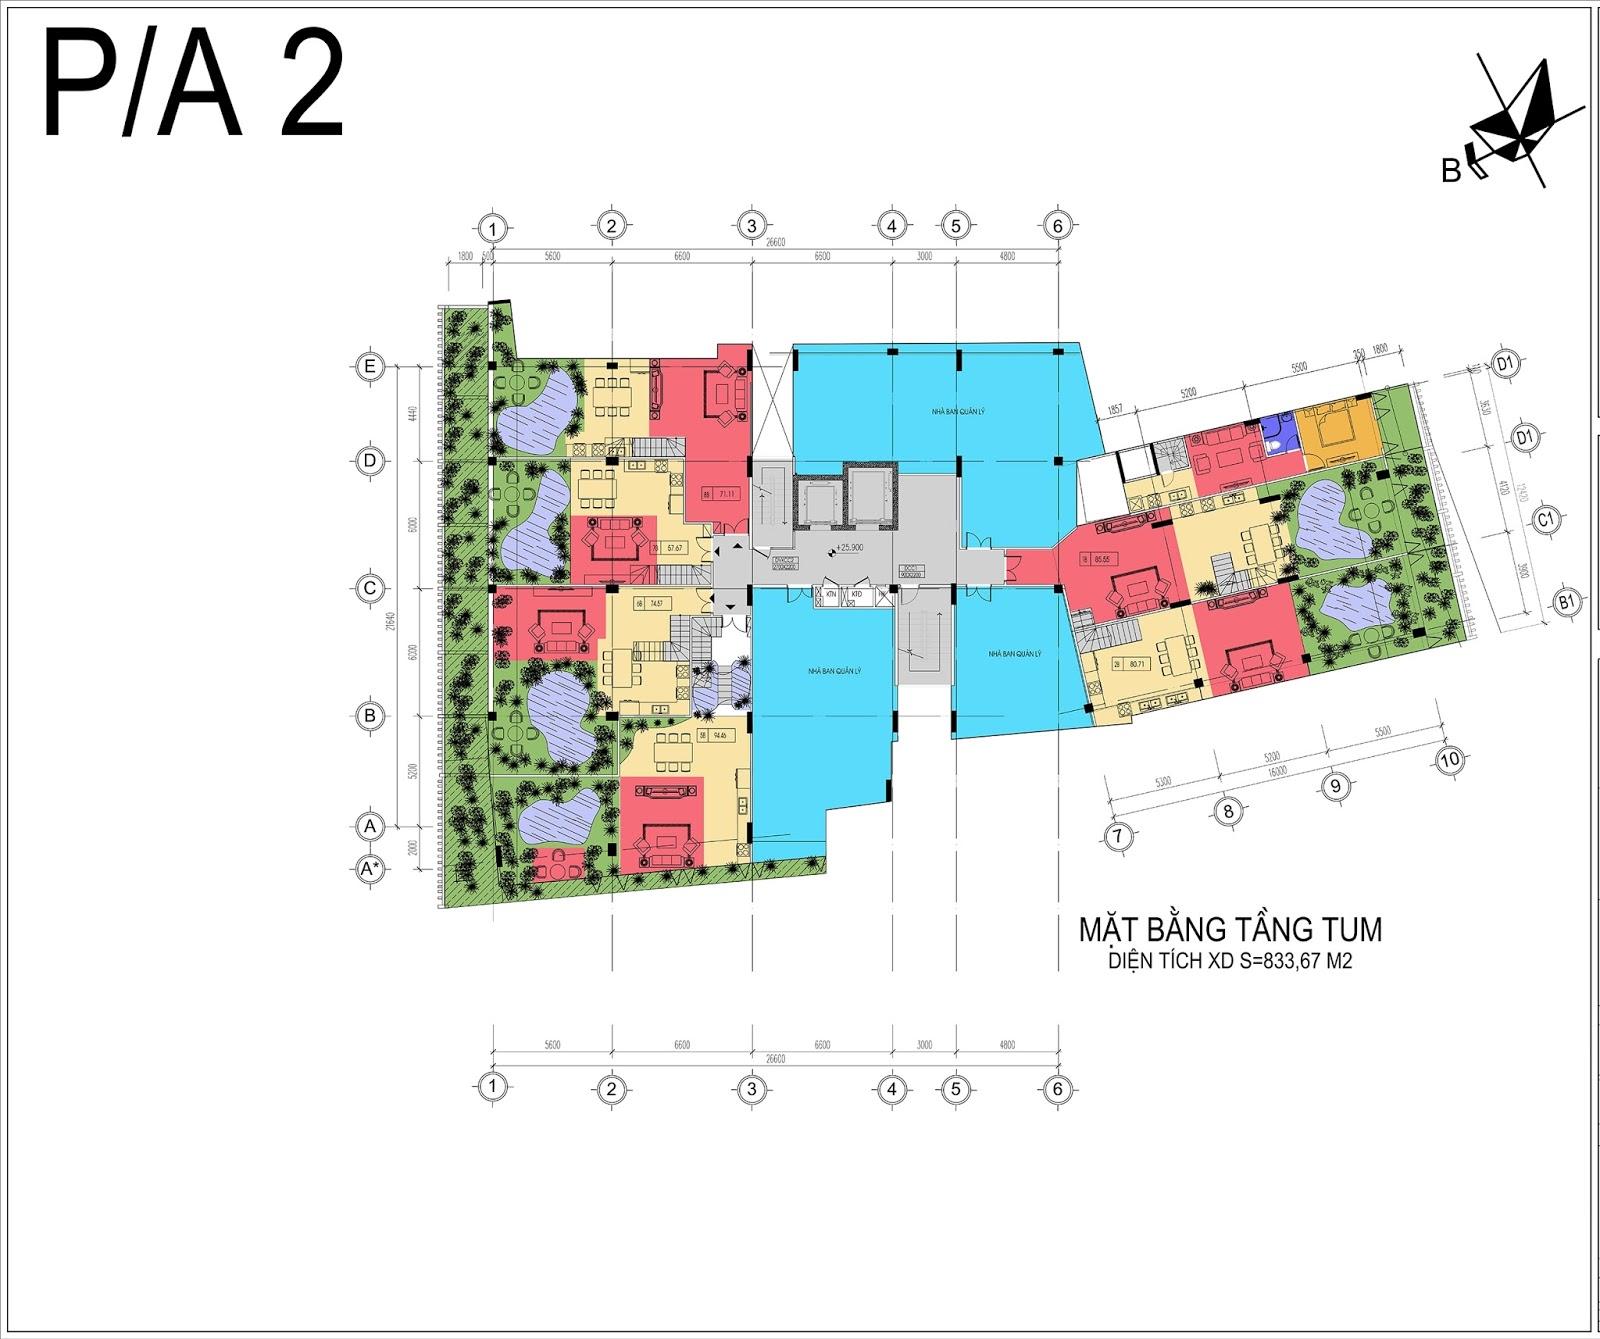 Mặt bằng tầng tum chung cư Núi Trúc Square Hà Nội